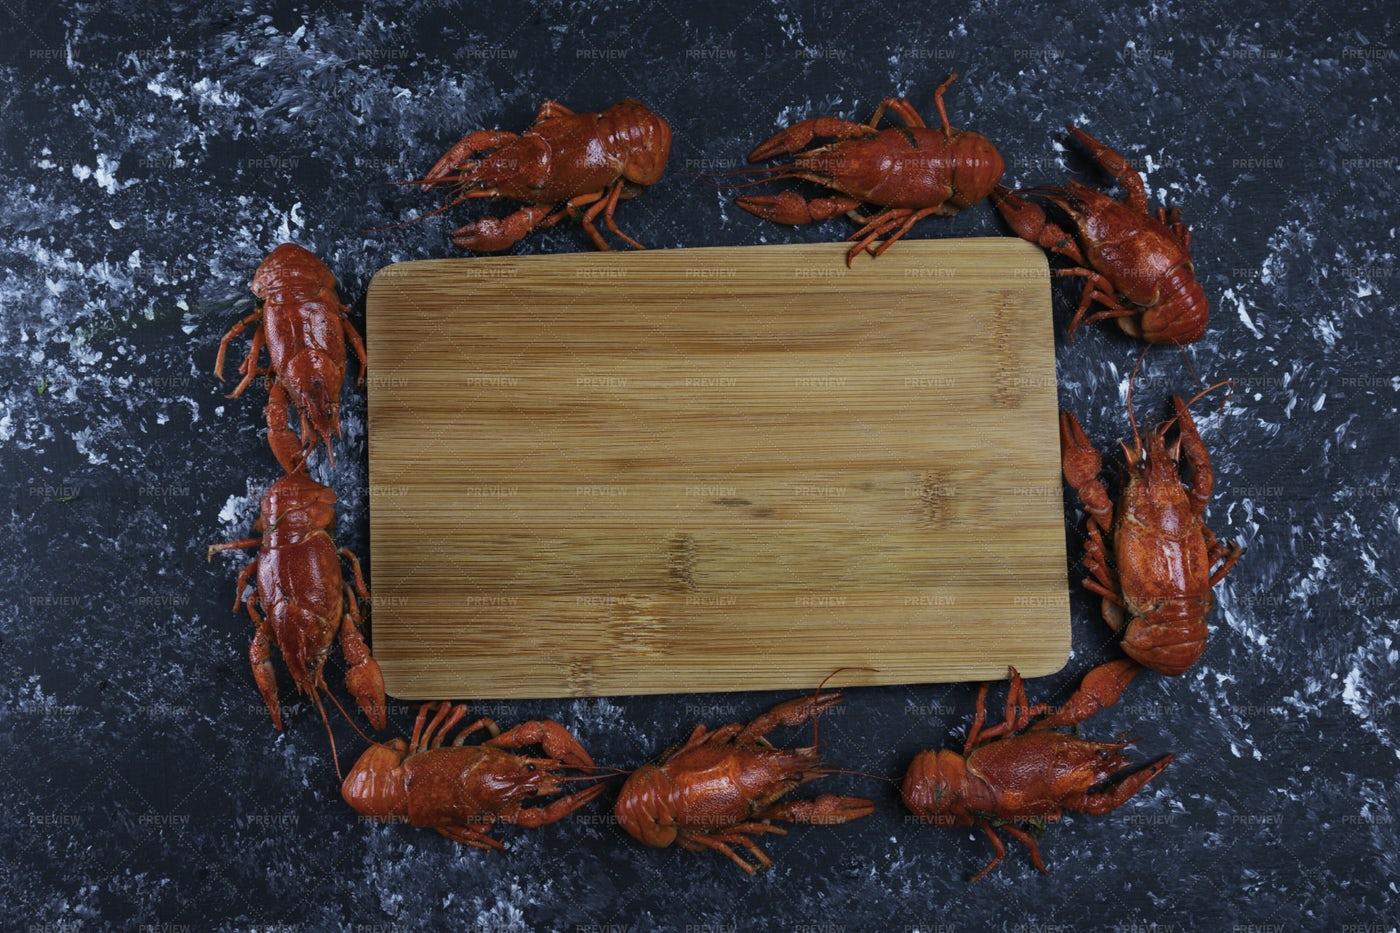 Red Crayfish Layout: Stock Photos